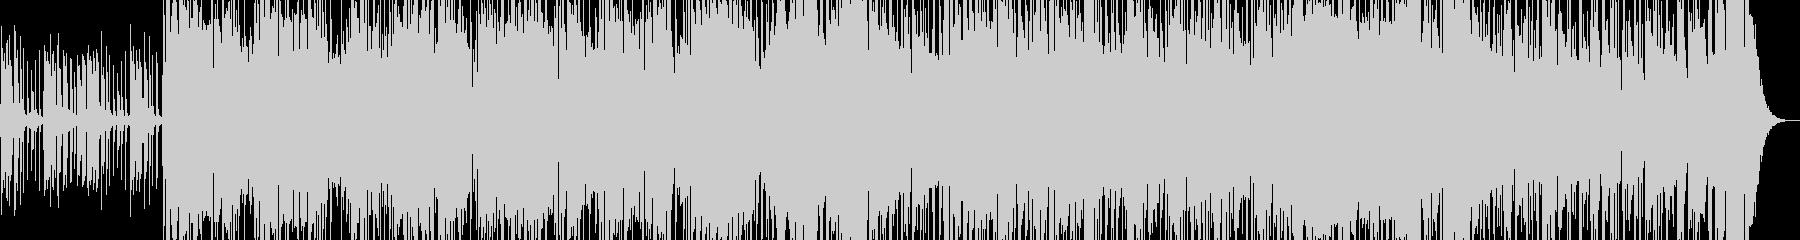 スリル感のあるファンクロックの未再生の波形